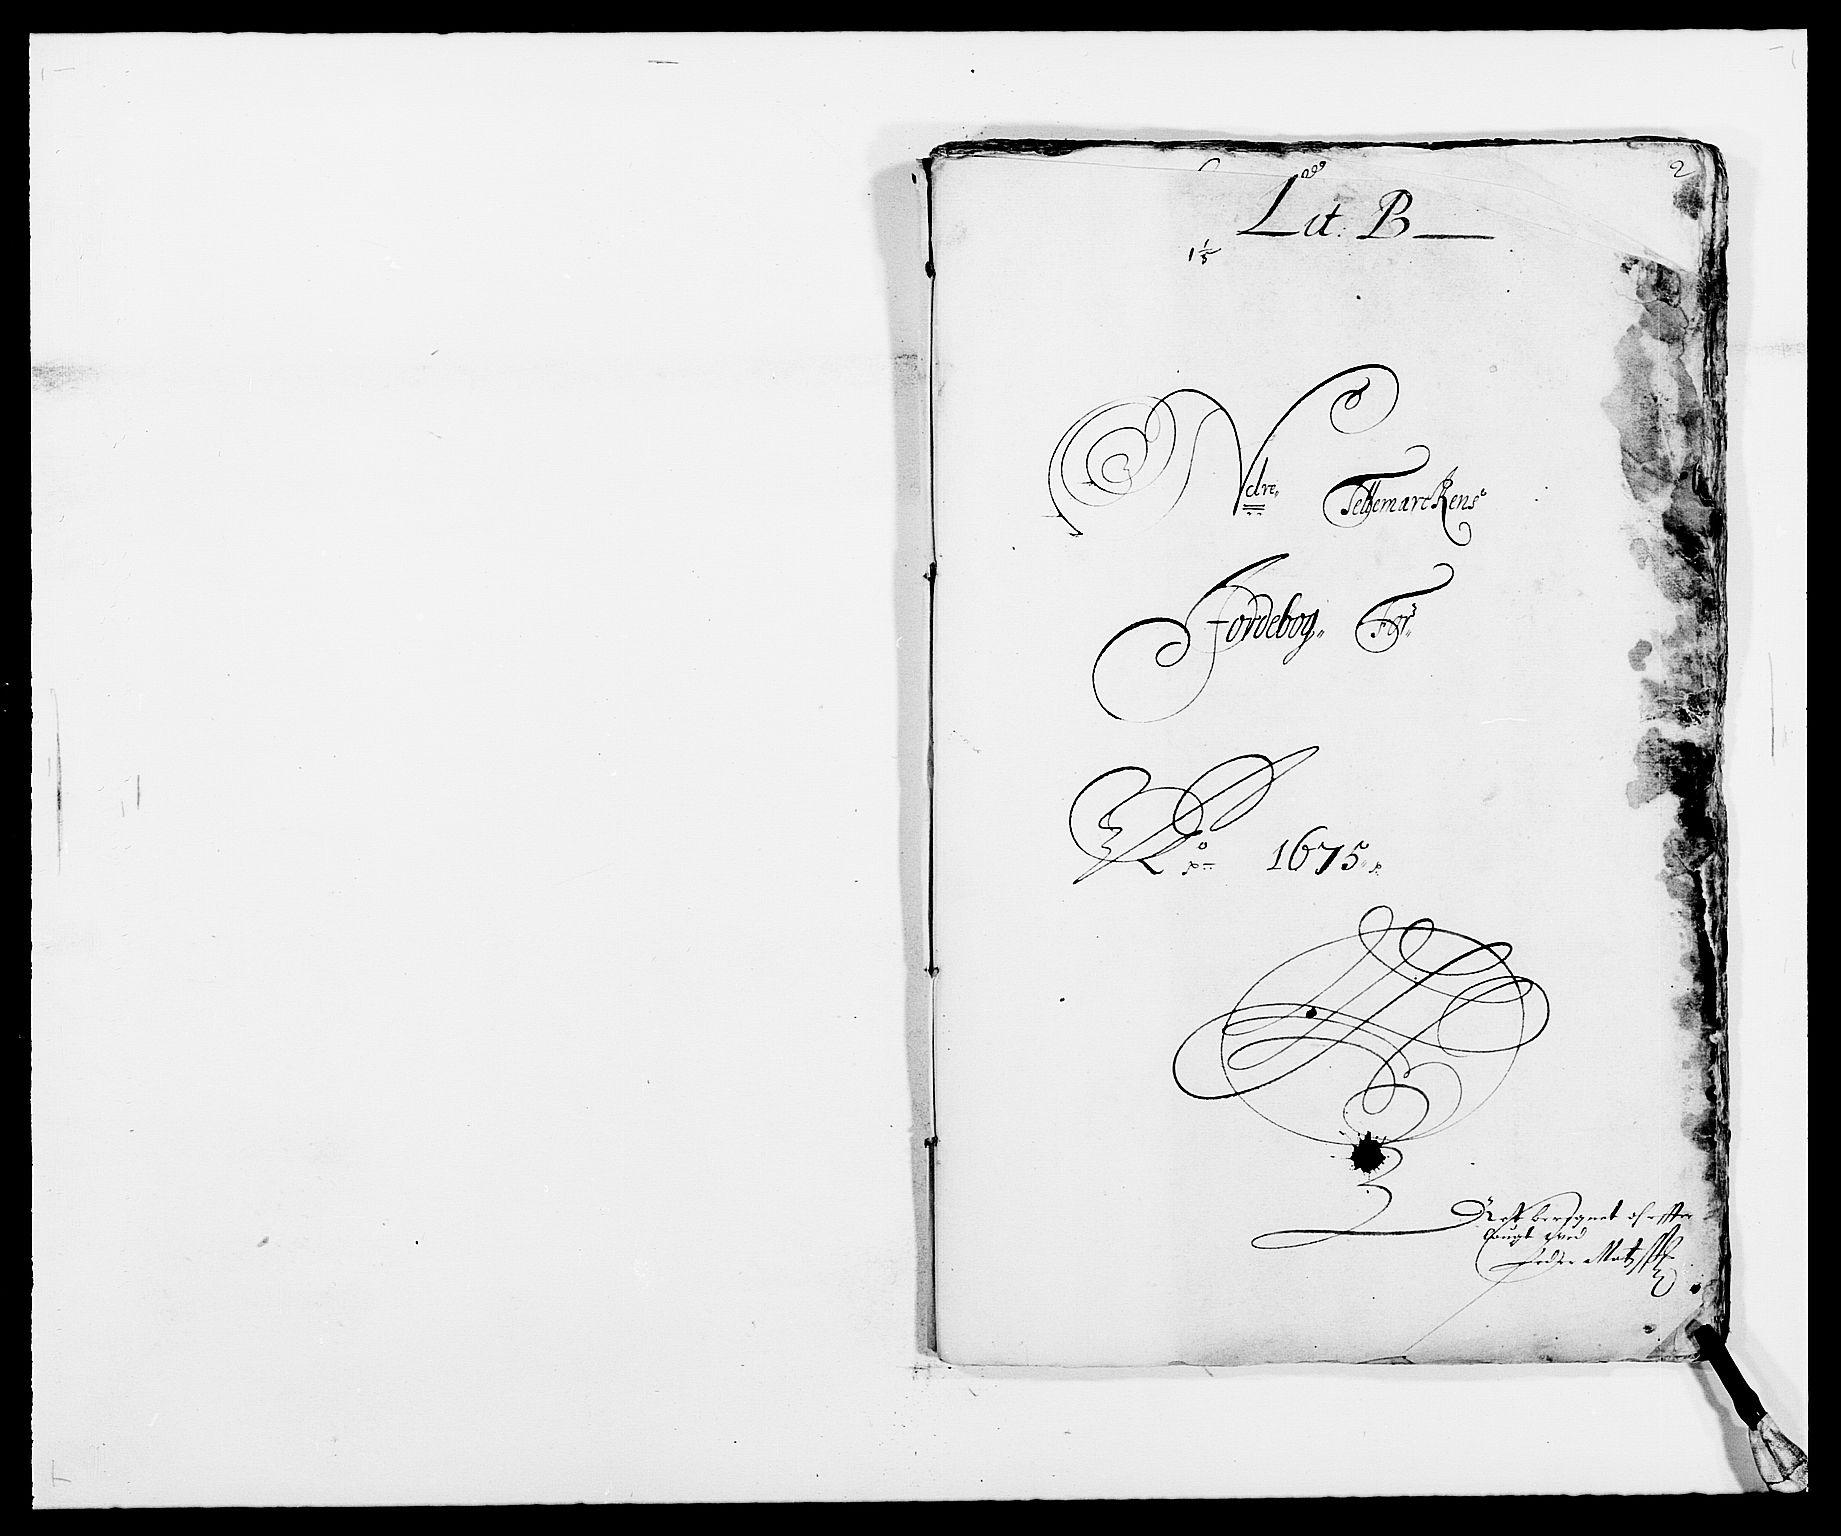 RA, Rentekammeret inntil 1814, Reviderte regnskaper, Fogderegnskap, R35/L2063: Fogderegnskap Øvre og Nedre Telemark, 1675, s. 39